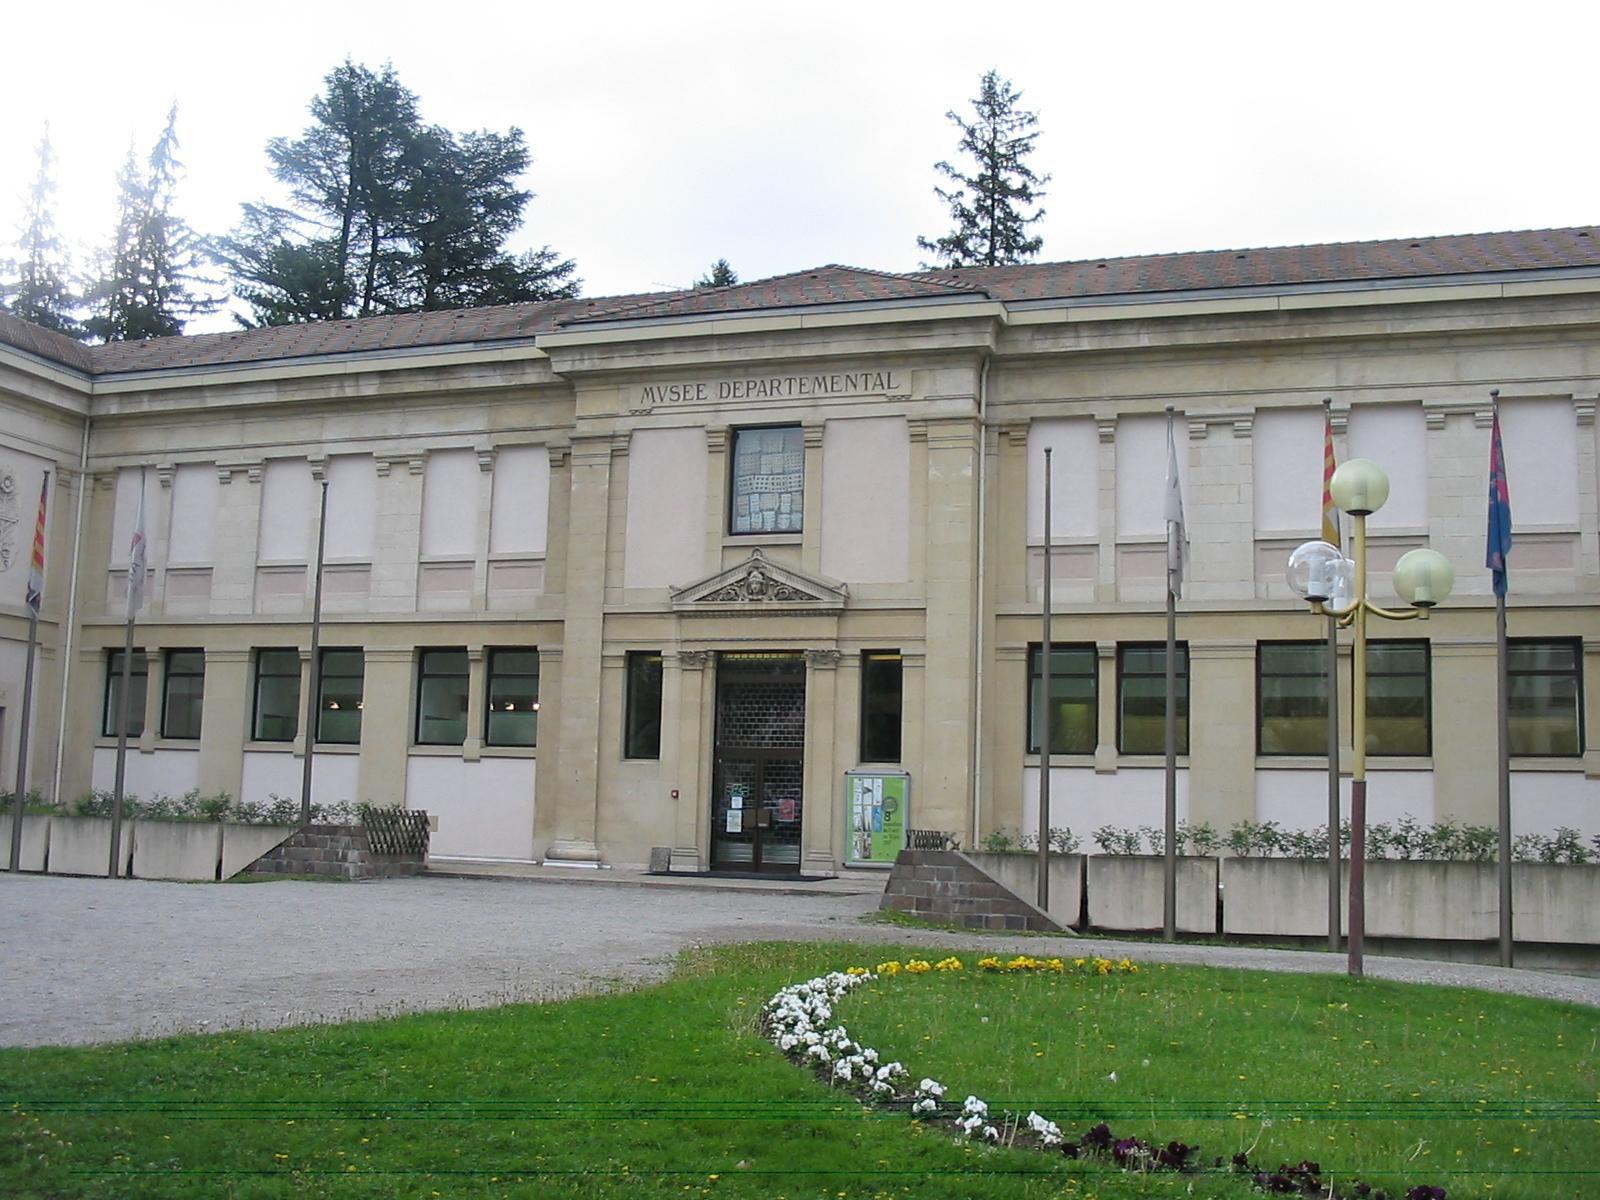 Musée départemental_Gap